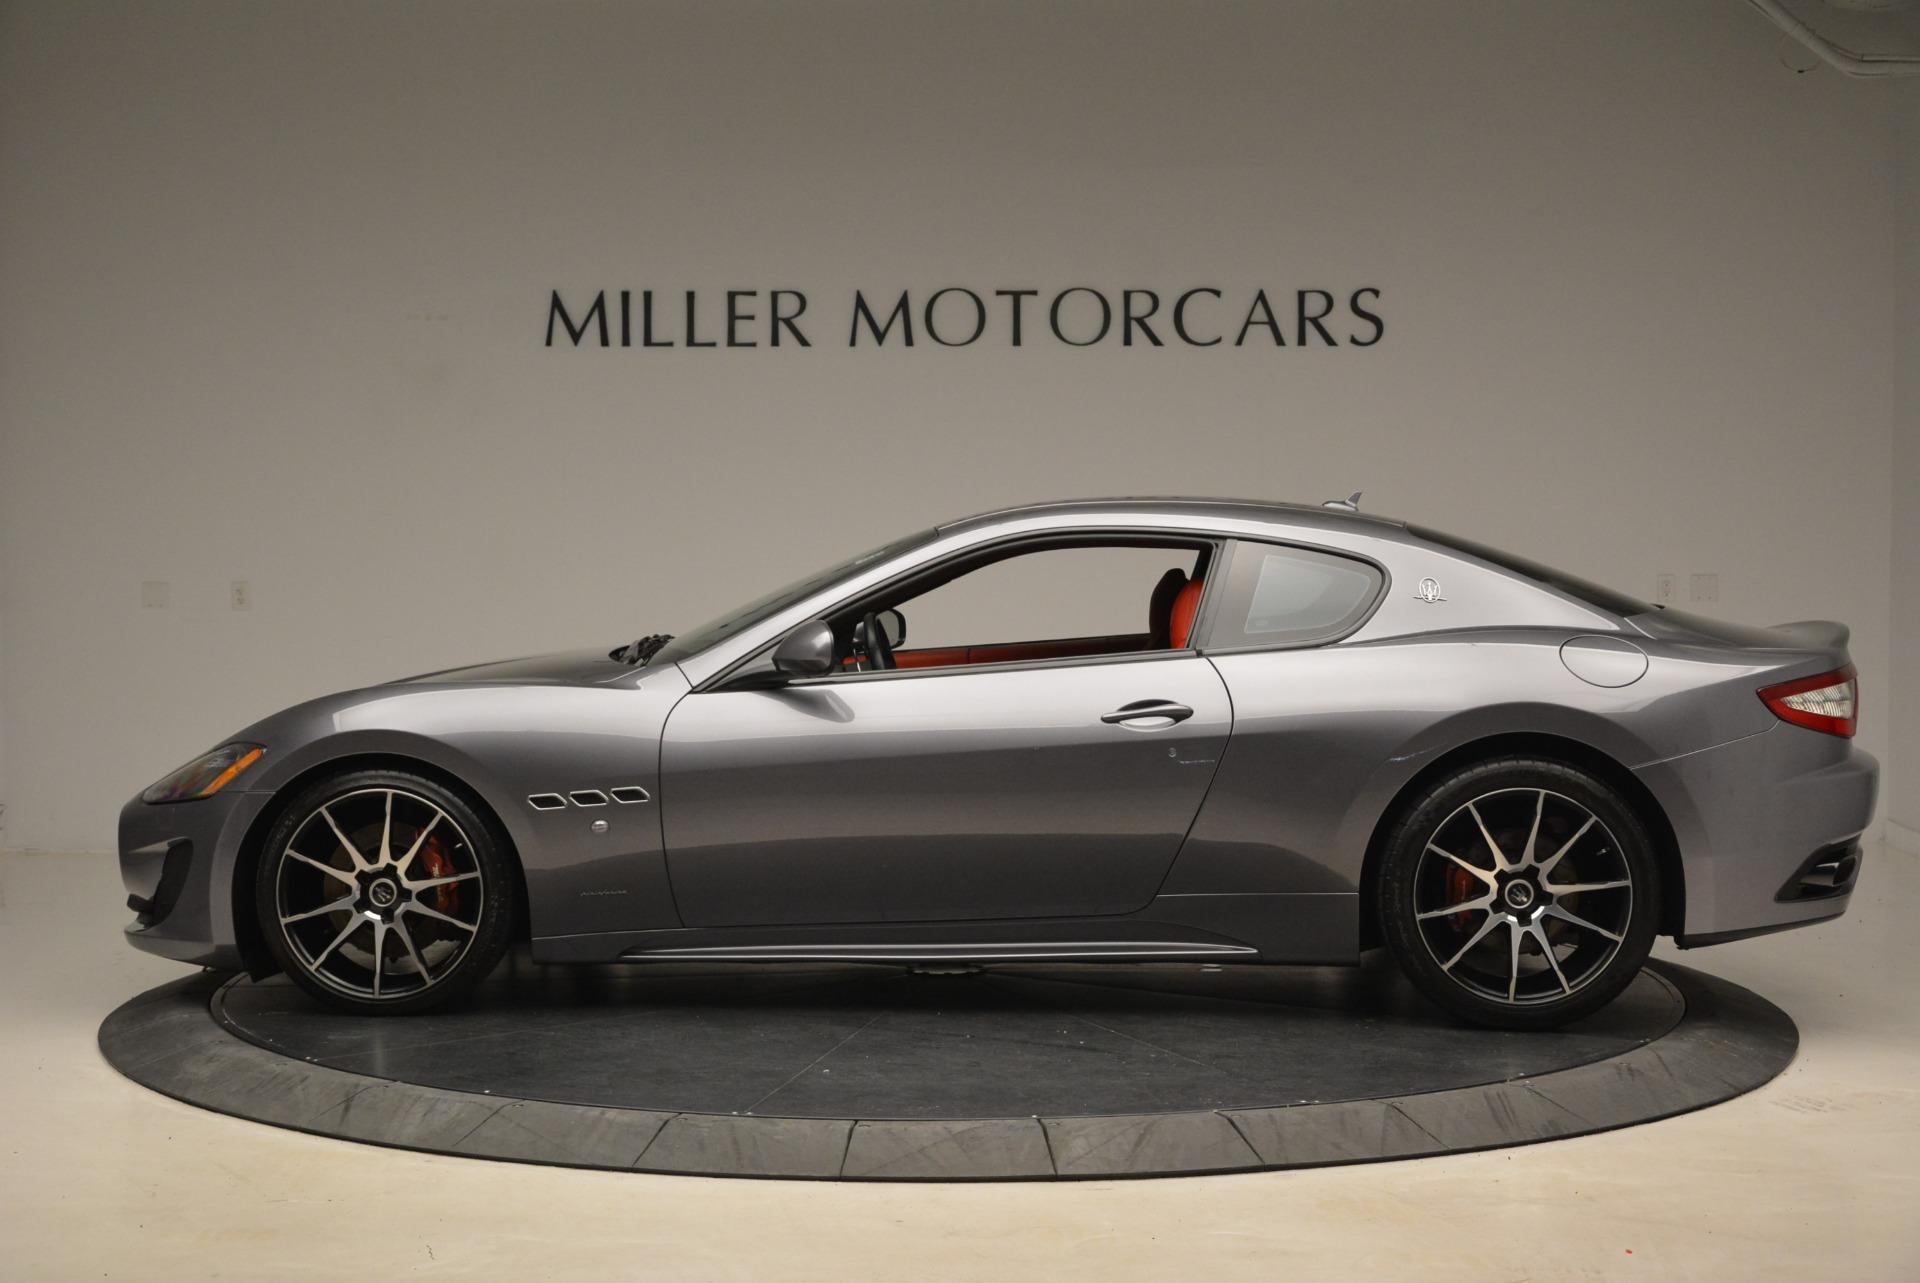 Used 2014 Maserati GranTurismo Sport For Sale In Greenwich, CT 2131_p2